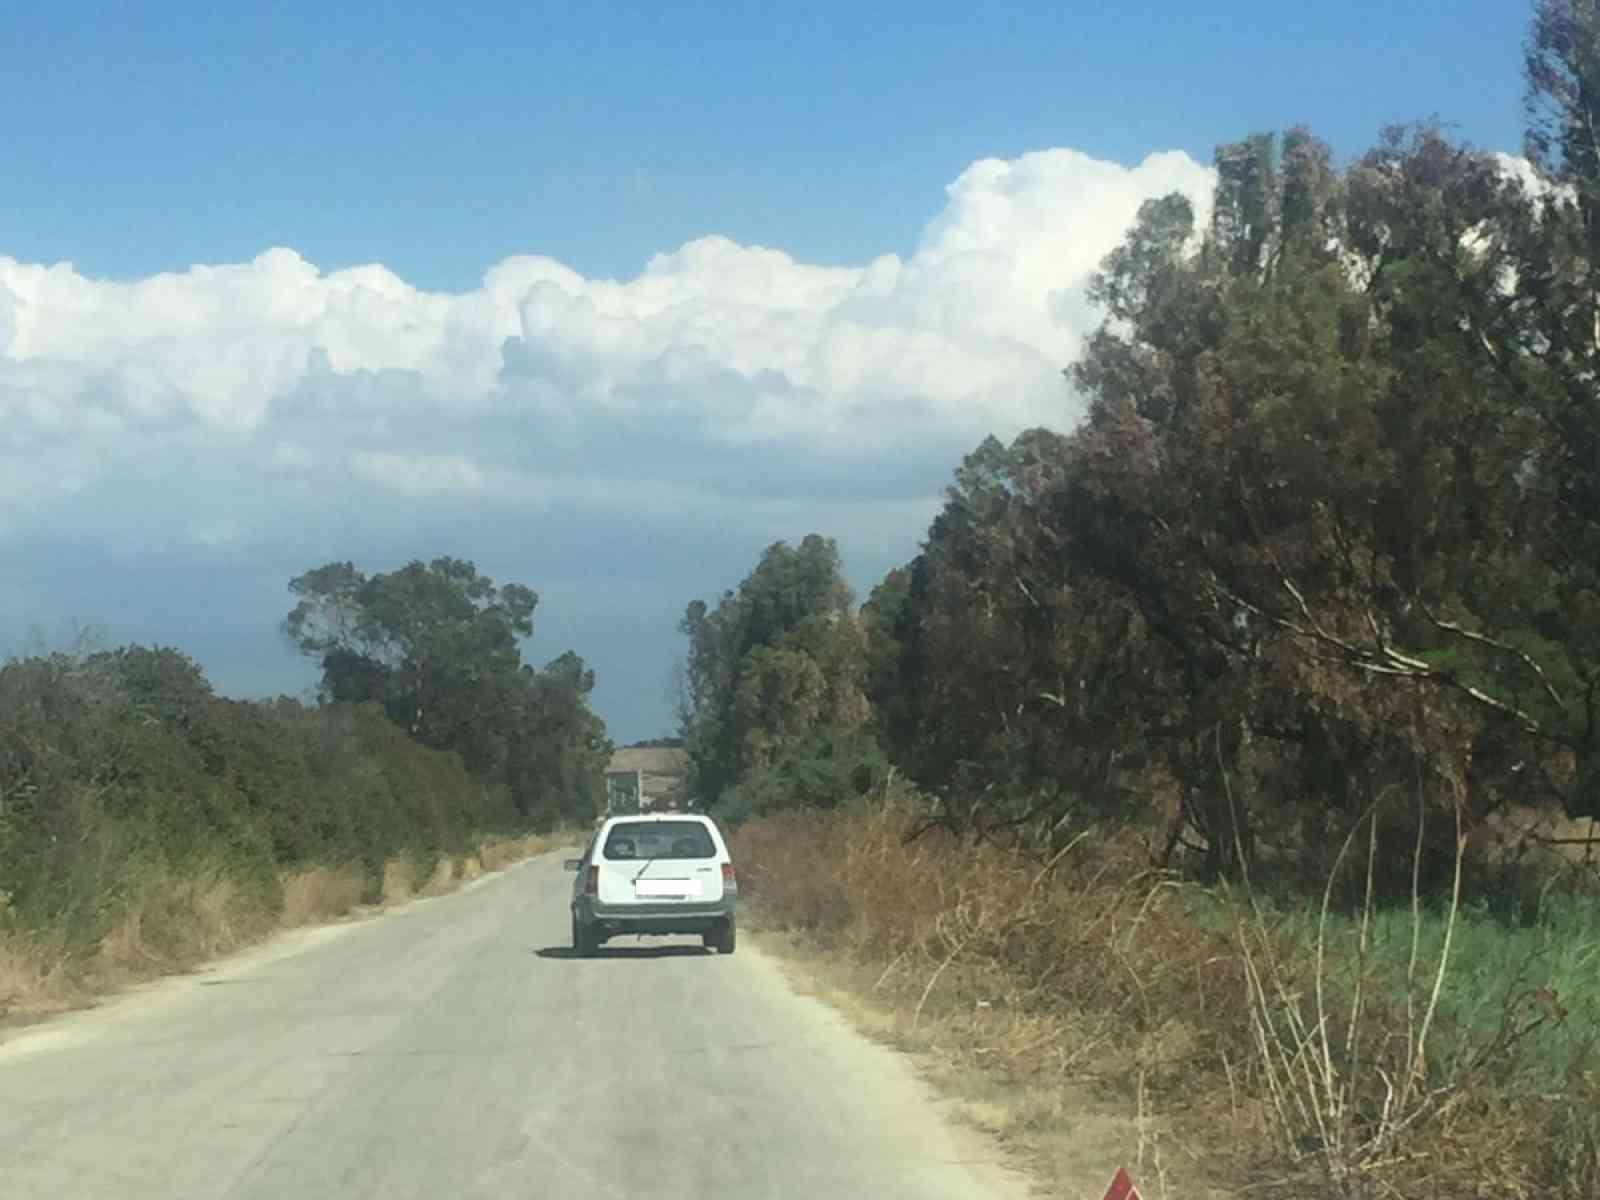 """Menfi. Il mistero dell'auto """"parcheggiata"""" sulla strada da Porto Palo a Fiori"""